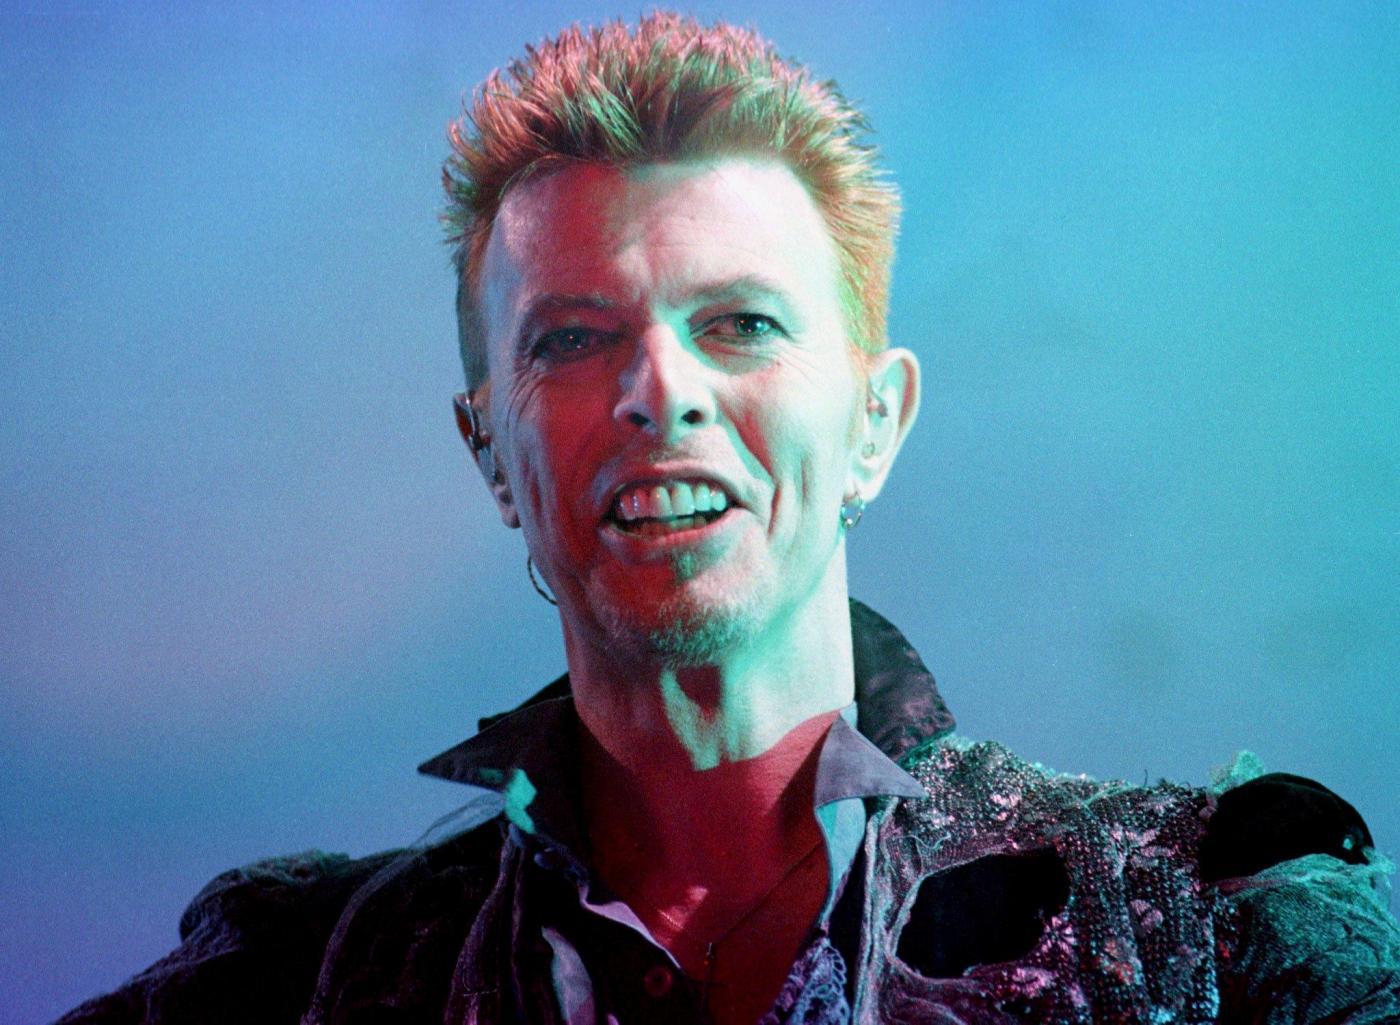 David Bowie: canzoni famose del Camaleonte del Rock, da Space Oddity a Heroes